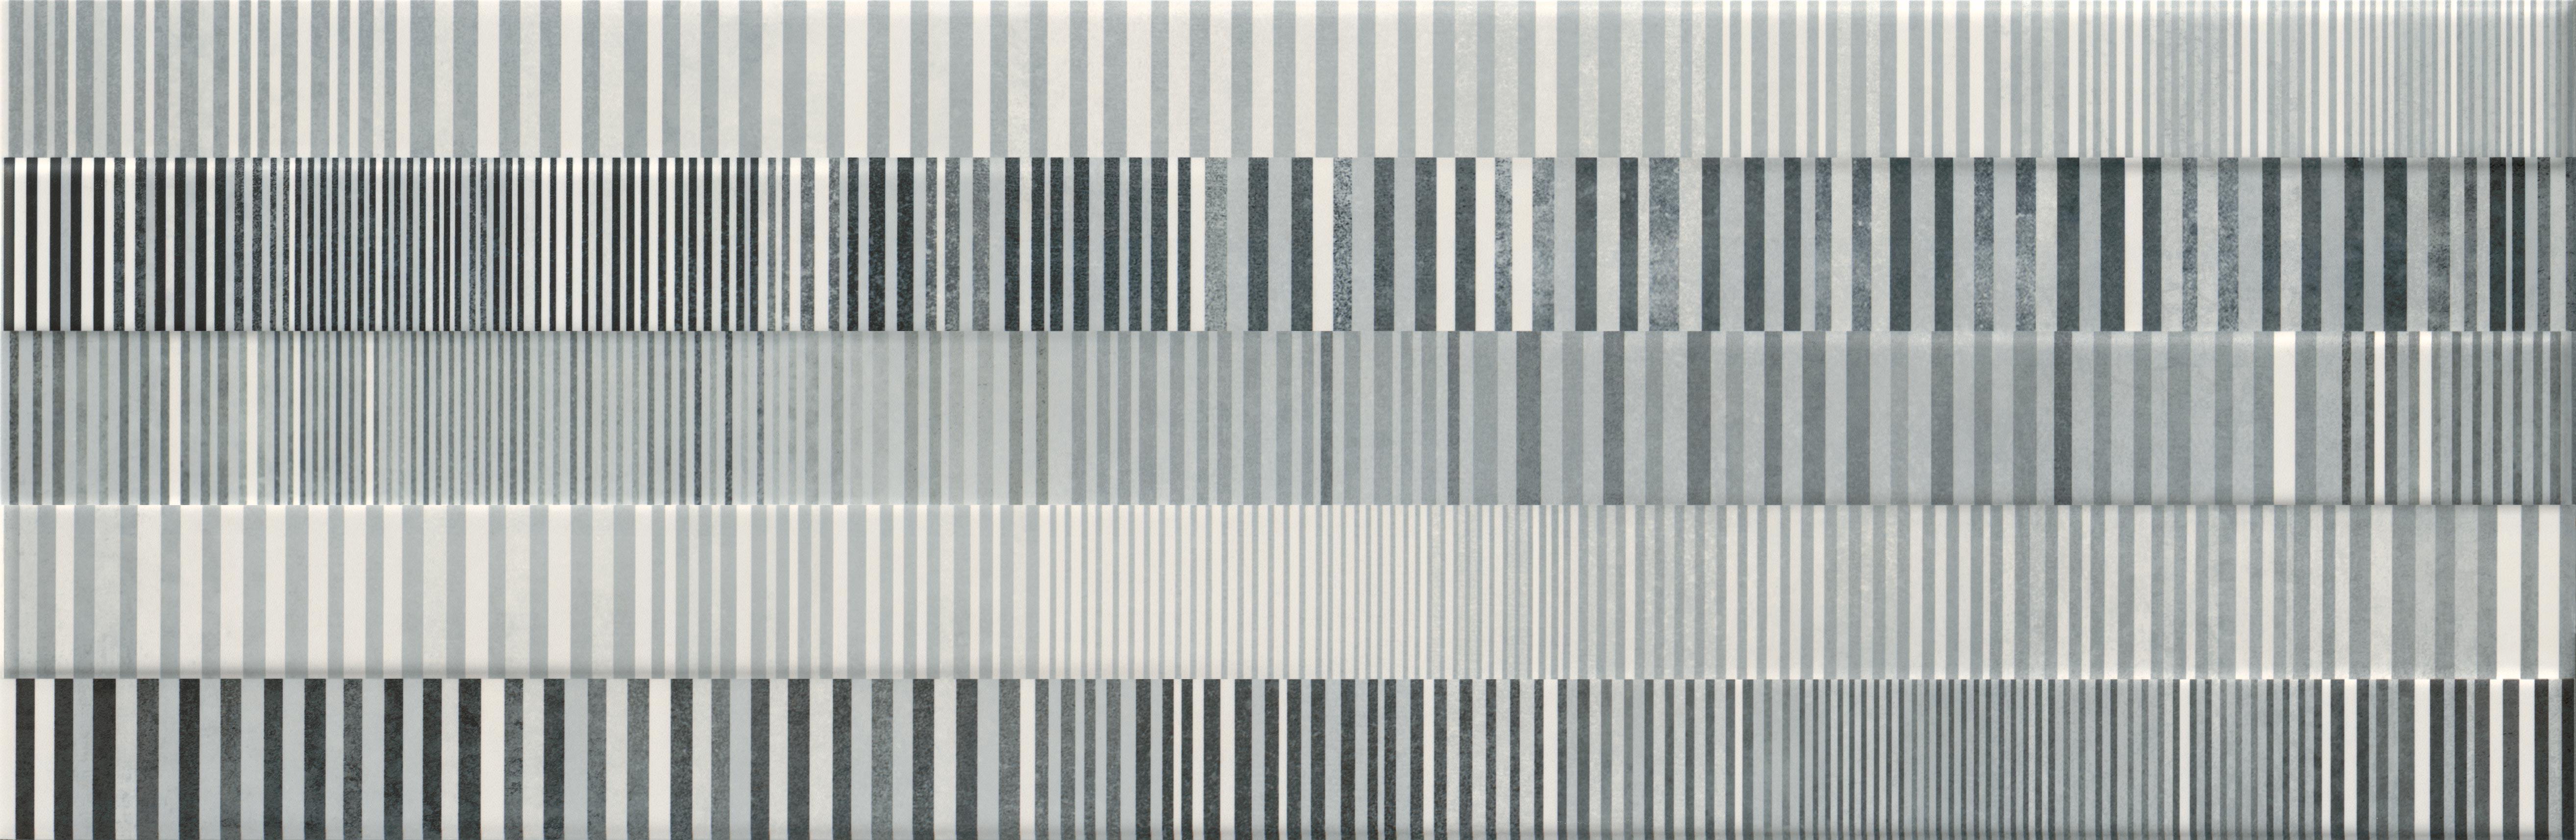 Керамическая плитка Mei Concrete Stripes многоцветный (O-CON-WID451-54) декор 29x89, Россия  - Купить